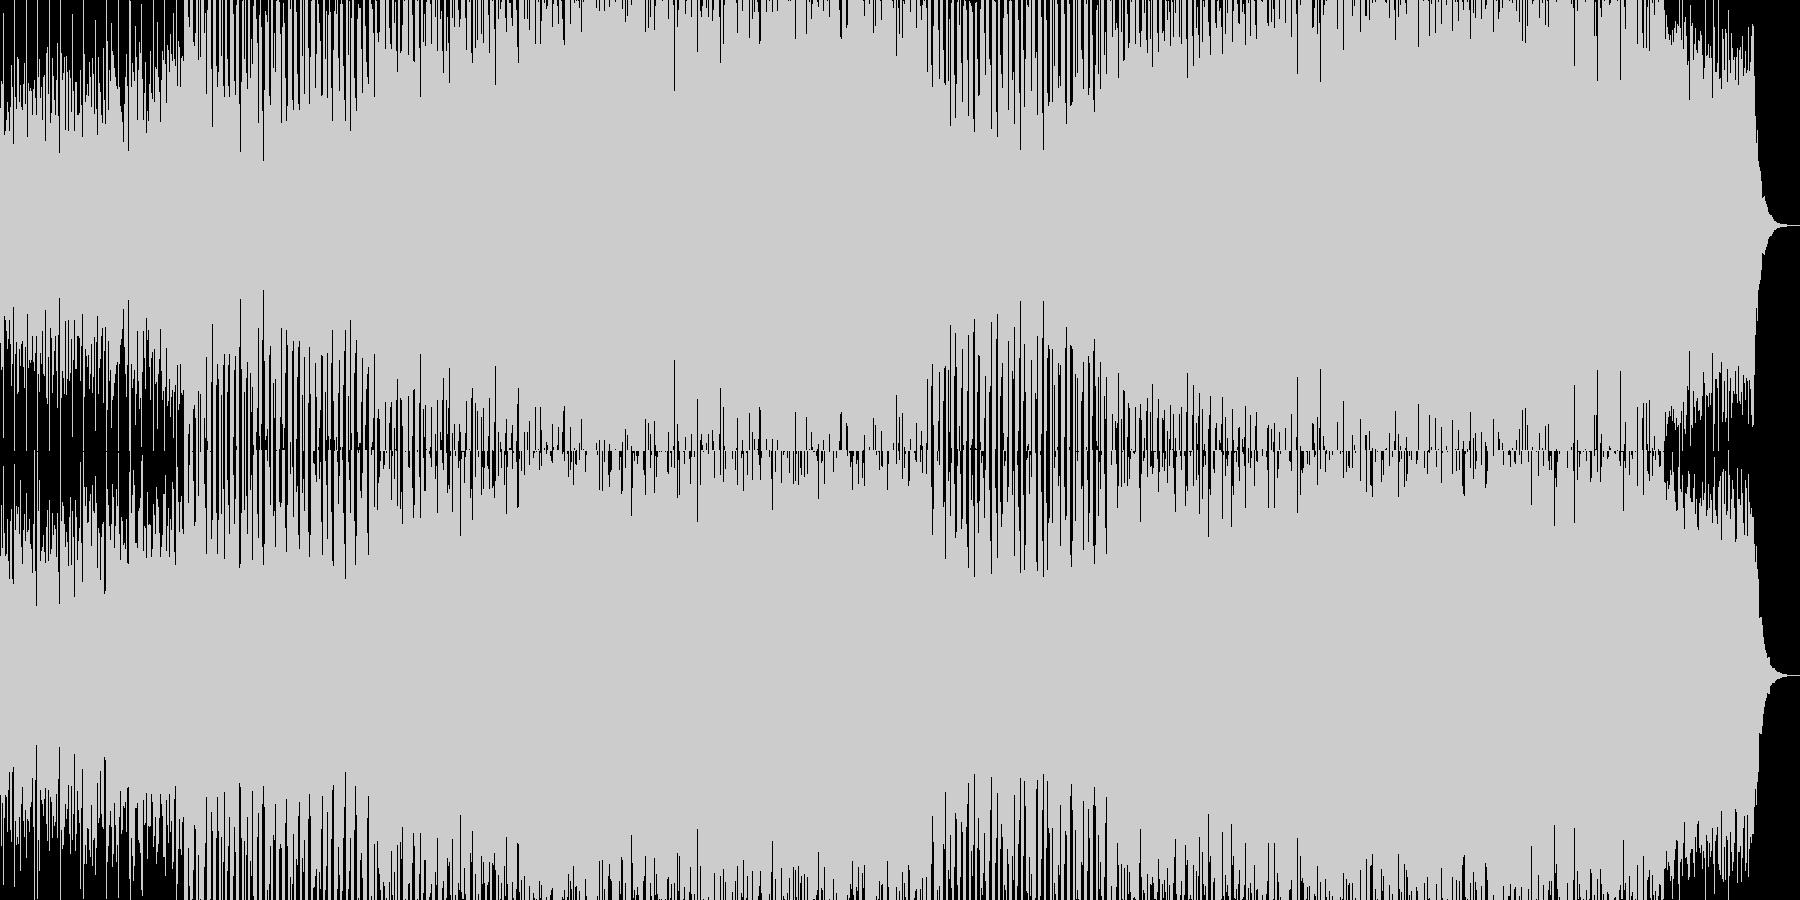 EDMクラブ系ダンスミュージック-93の未再生の波形